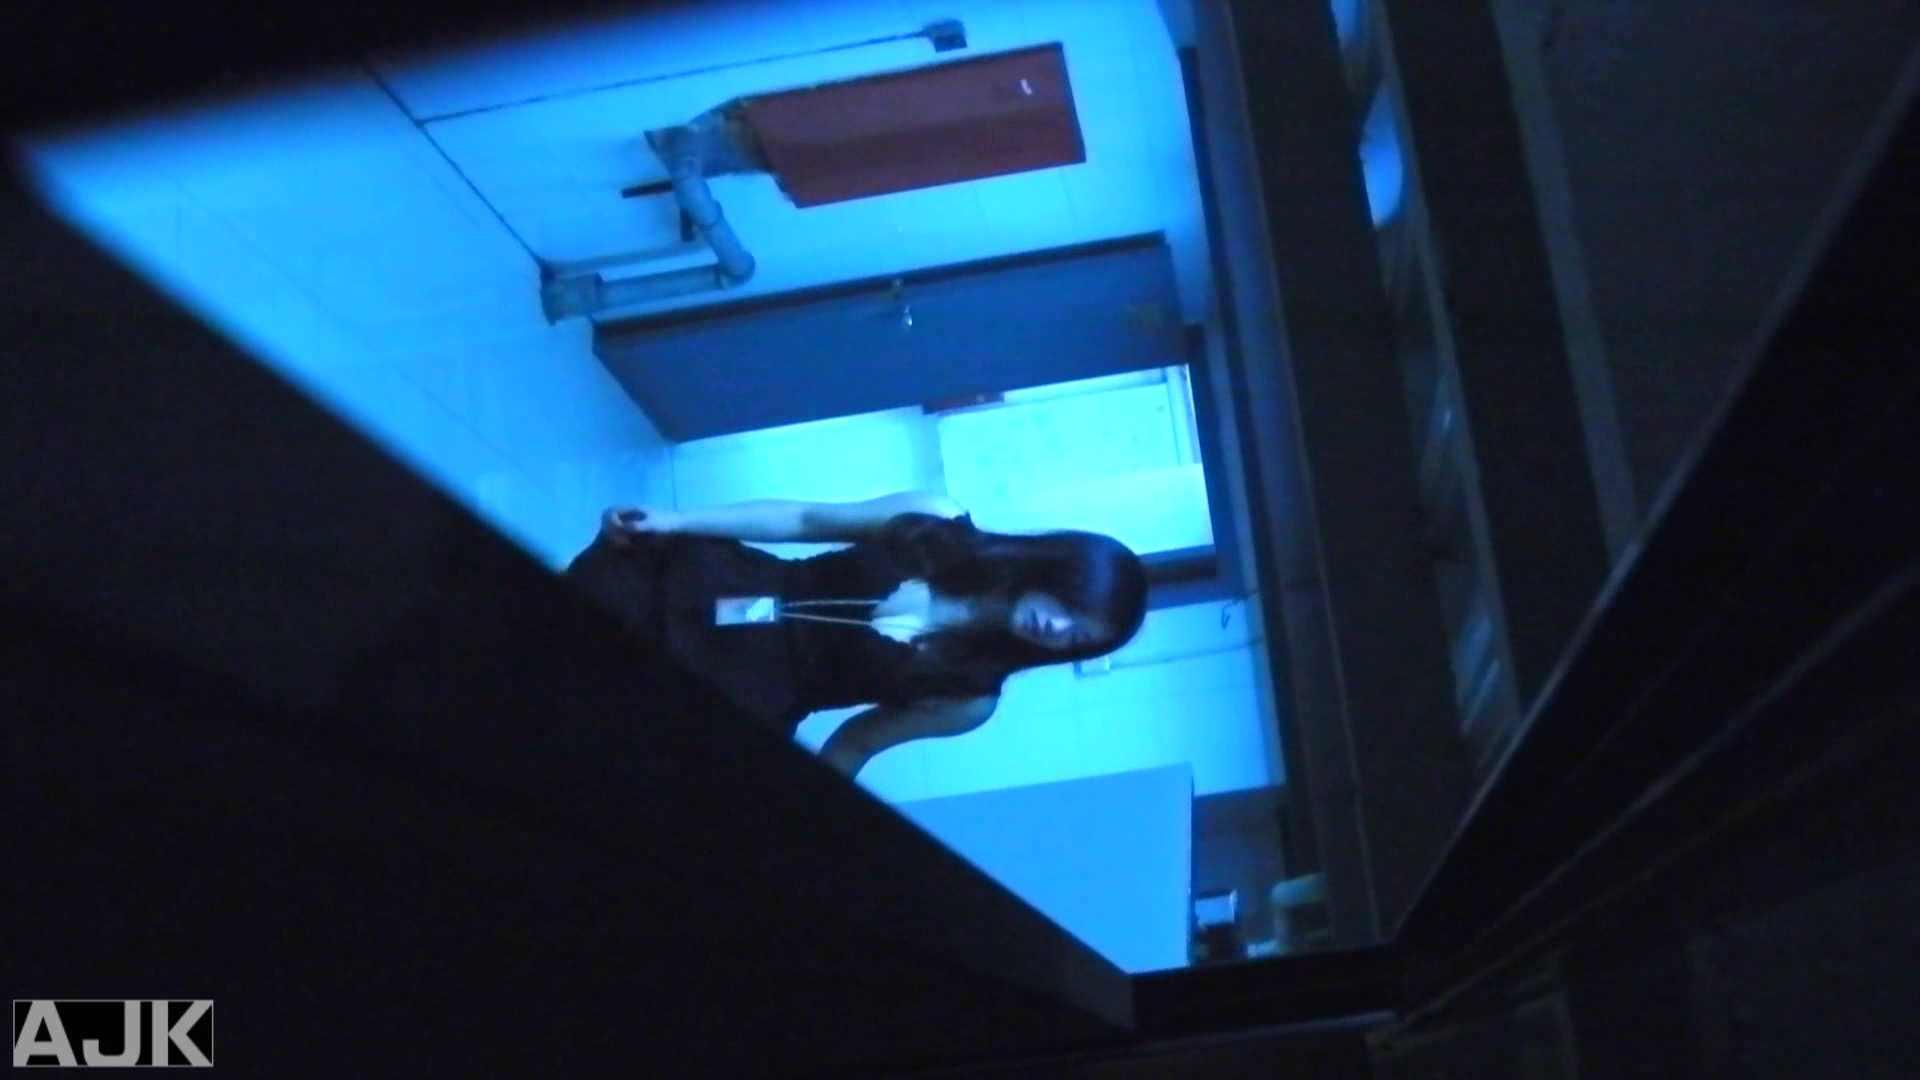 隣国上階級エリアの令嬢たちが集うデパートお手洗い Vol.24 お嬢様だって・・・ AV動画キャプチャ 82画像 74